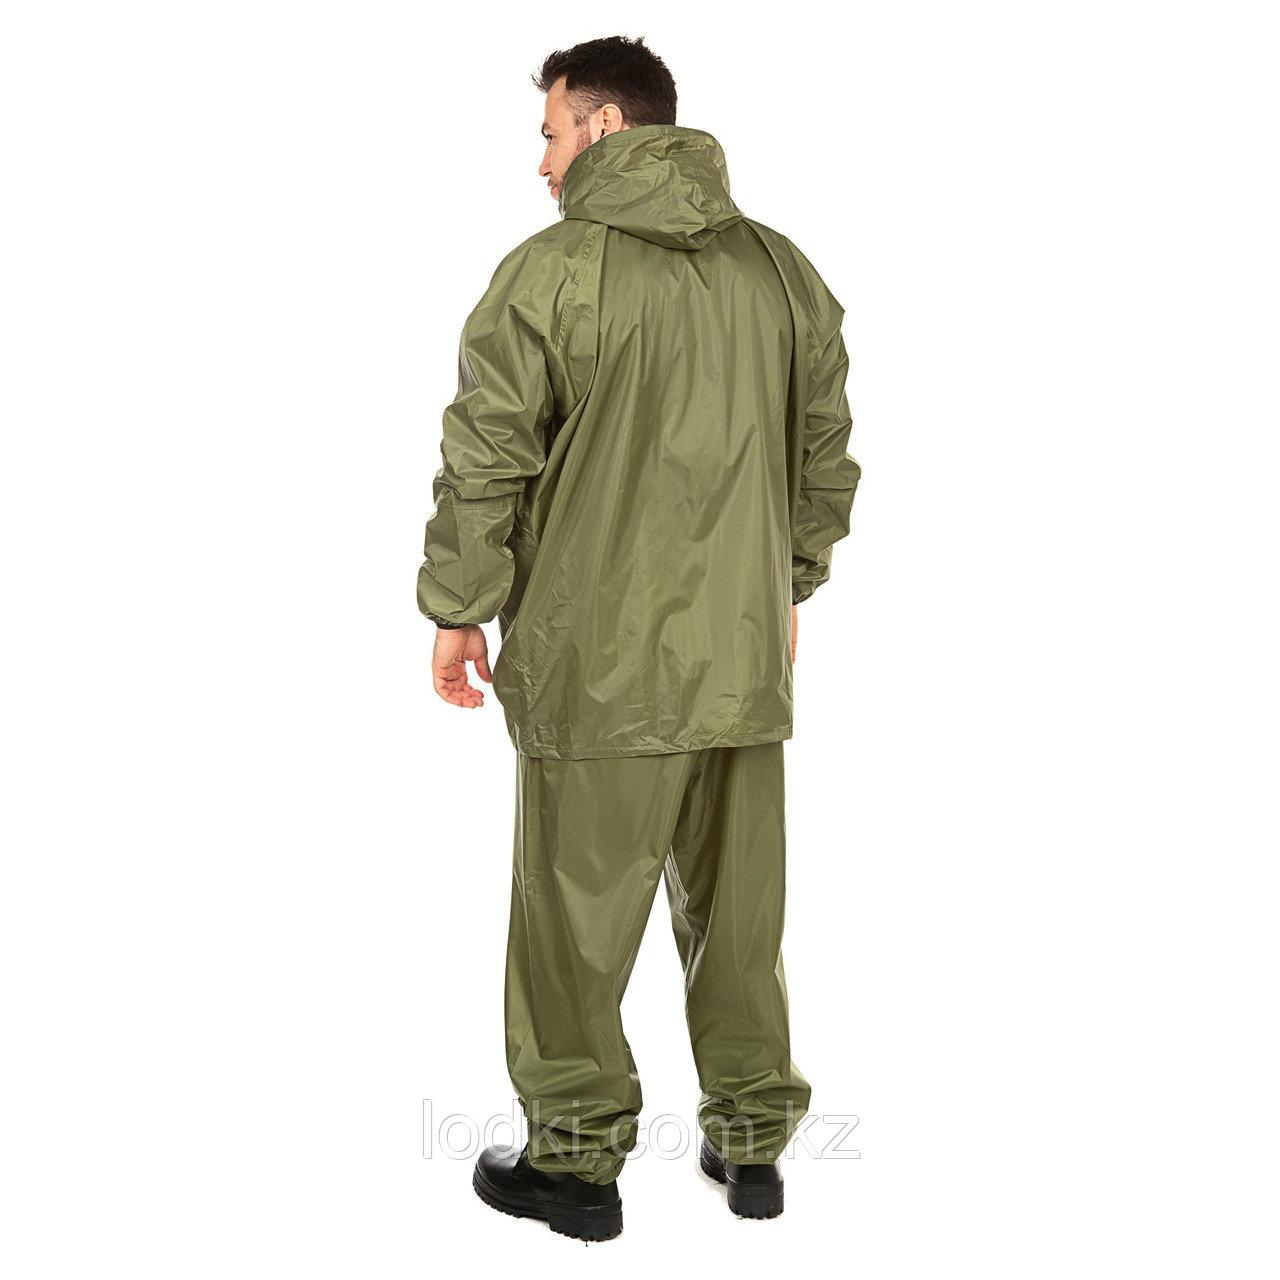 Костюм дождевик ВВЗ Шторм цвет Зеленый ткань Таффета PVC 20000мм Размеры от44до64 - фото 2